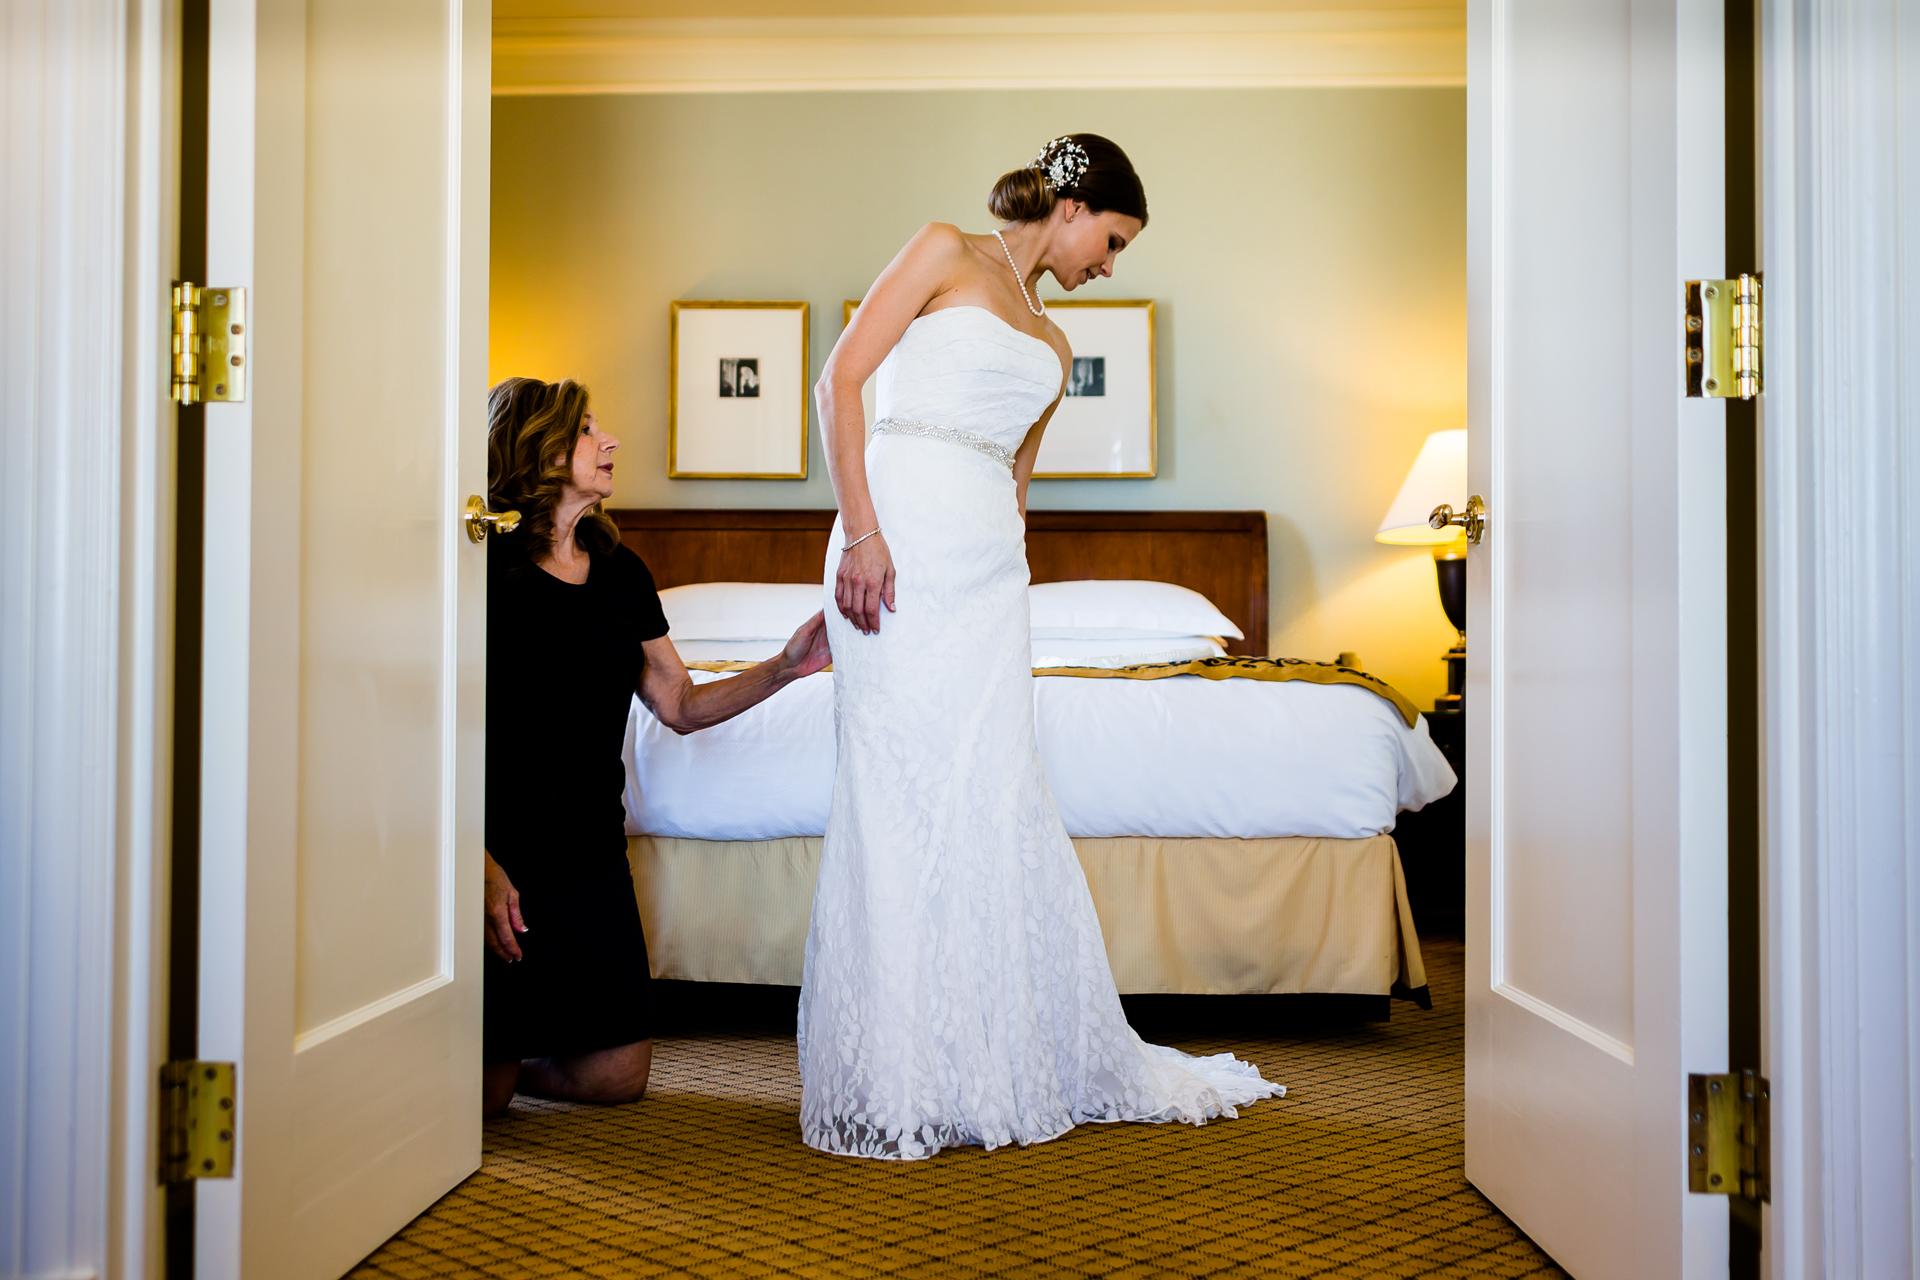 San Francisco, CA Imagen de Elopement de novia   Primera vista de la novia en su hermoso vestido de novia